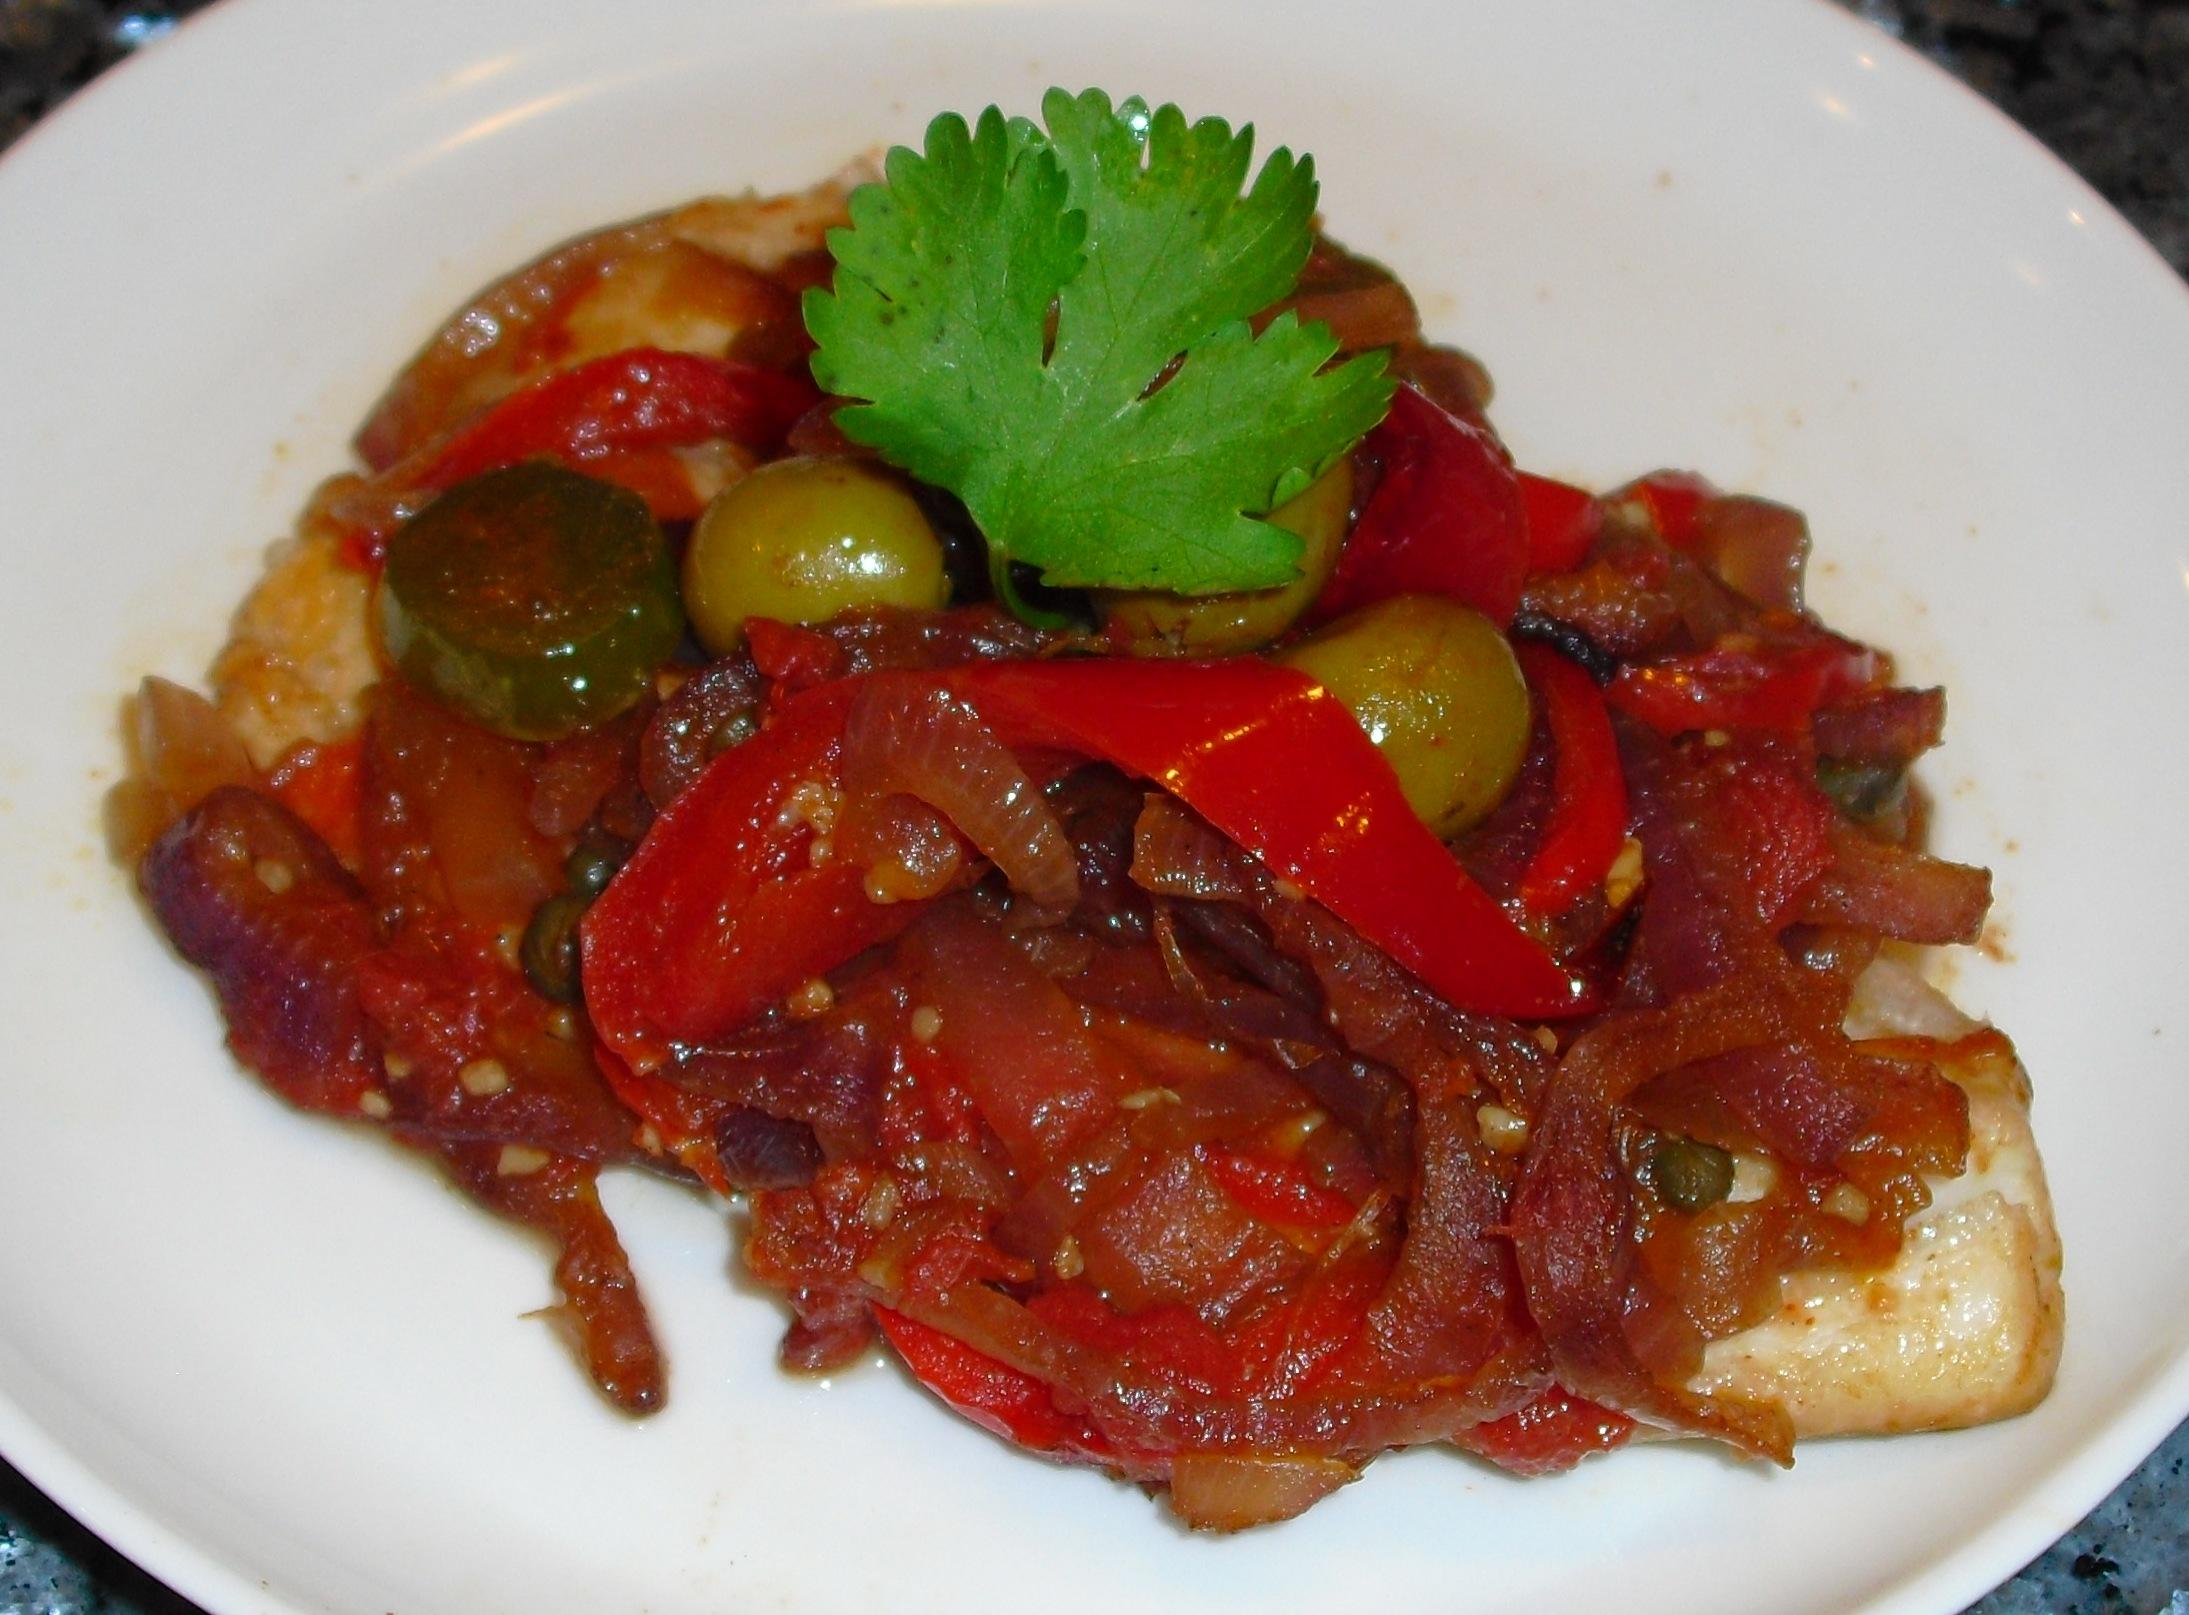 Spicy veracruz style fish bake recipe quick cooking for Fish veracruz recipe